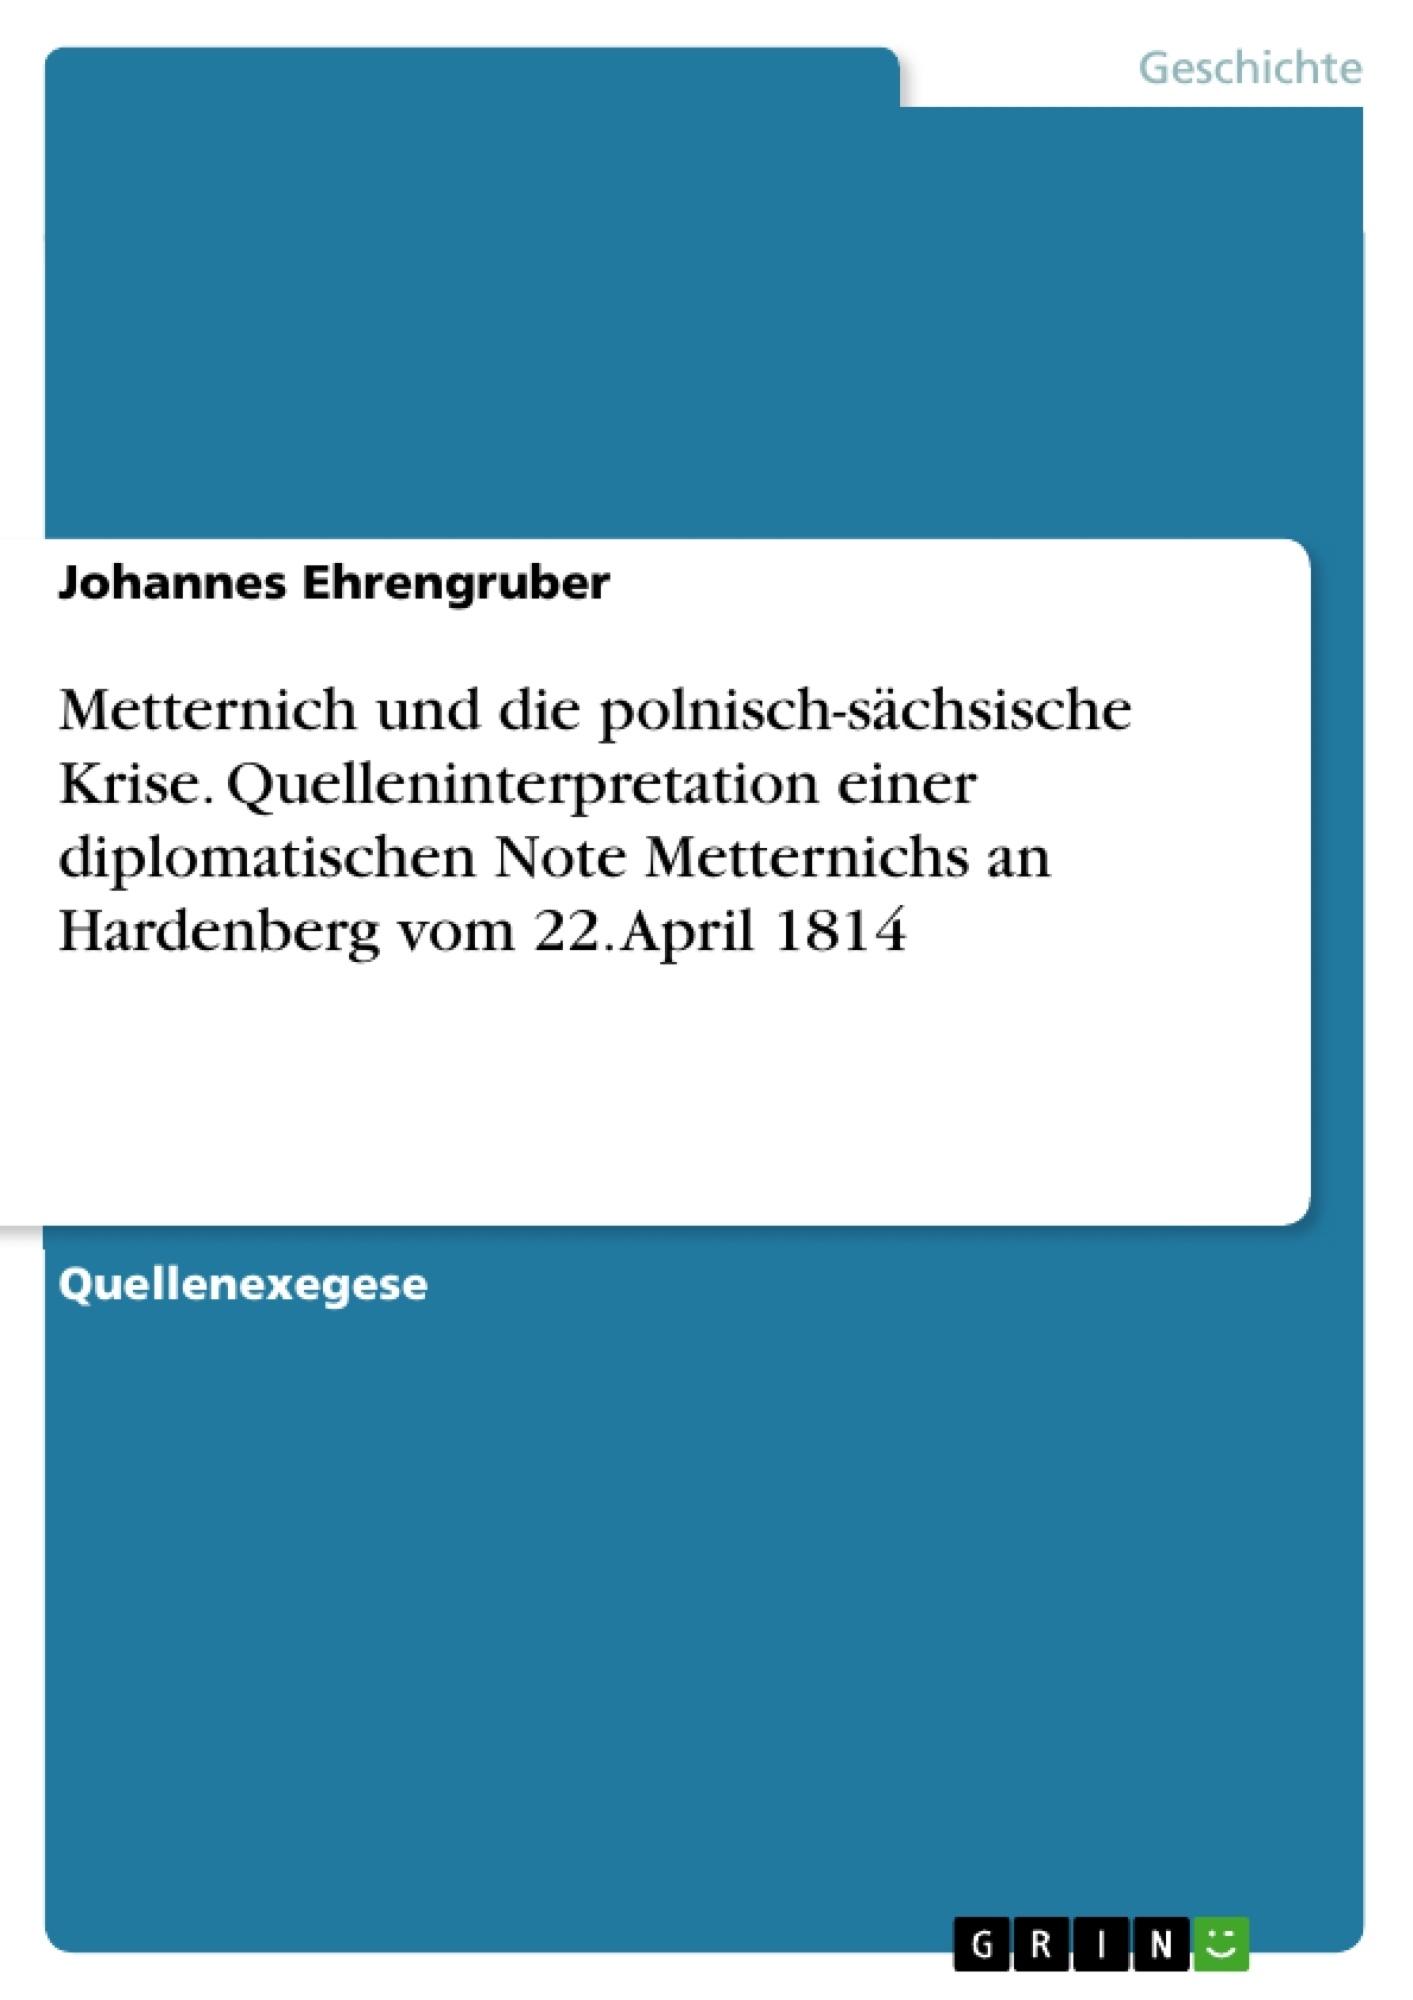 Titel: Metternich und die polnisch-sächsische Krise. Quelleninterpretation einer diplomatischen Note Metternichs an Hardenberg vom 22. April 1814